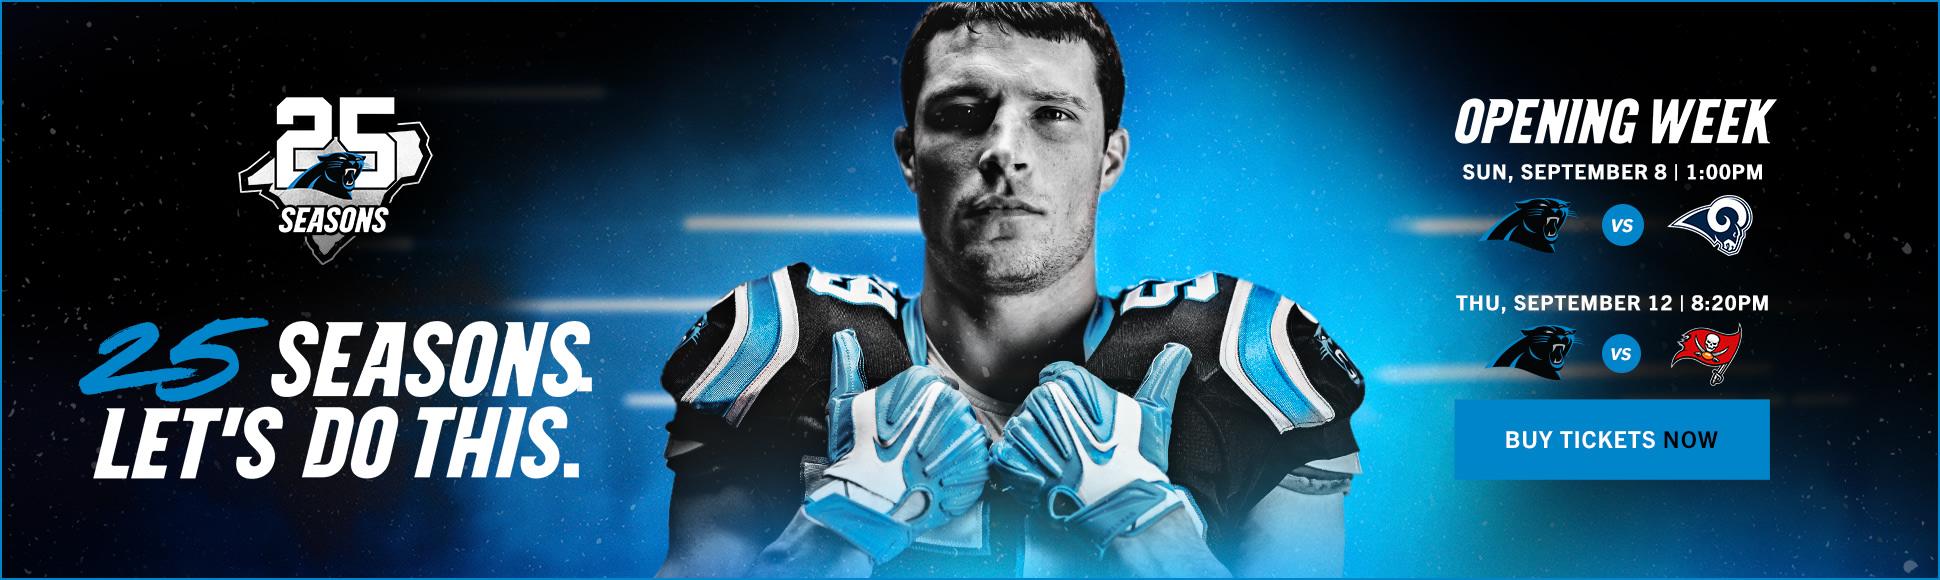 Panthers Home | Carolina Panthers - Panthers com